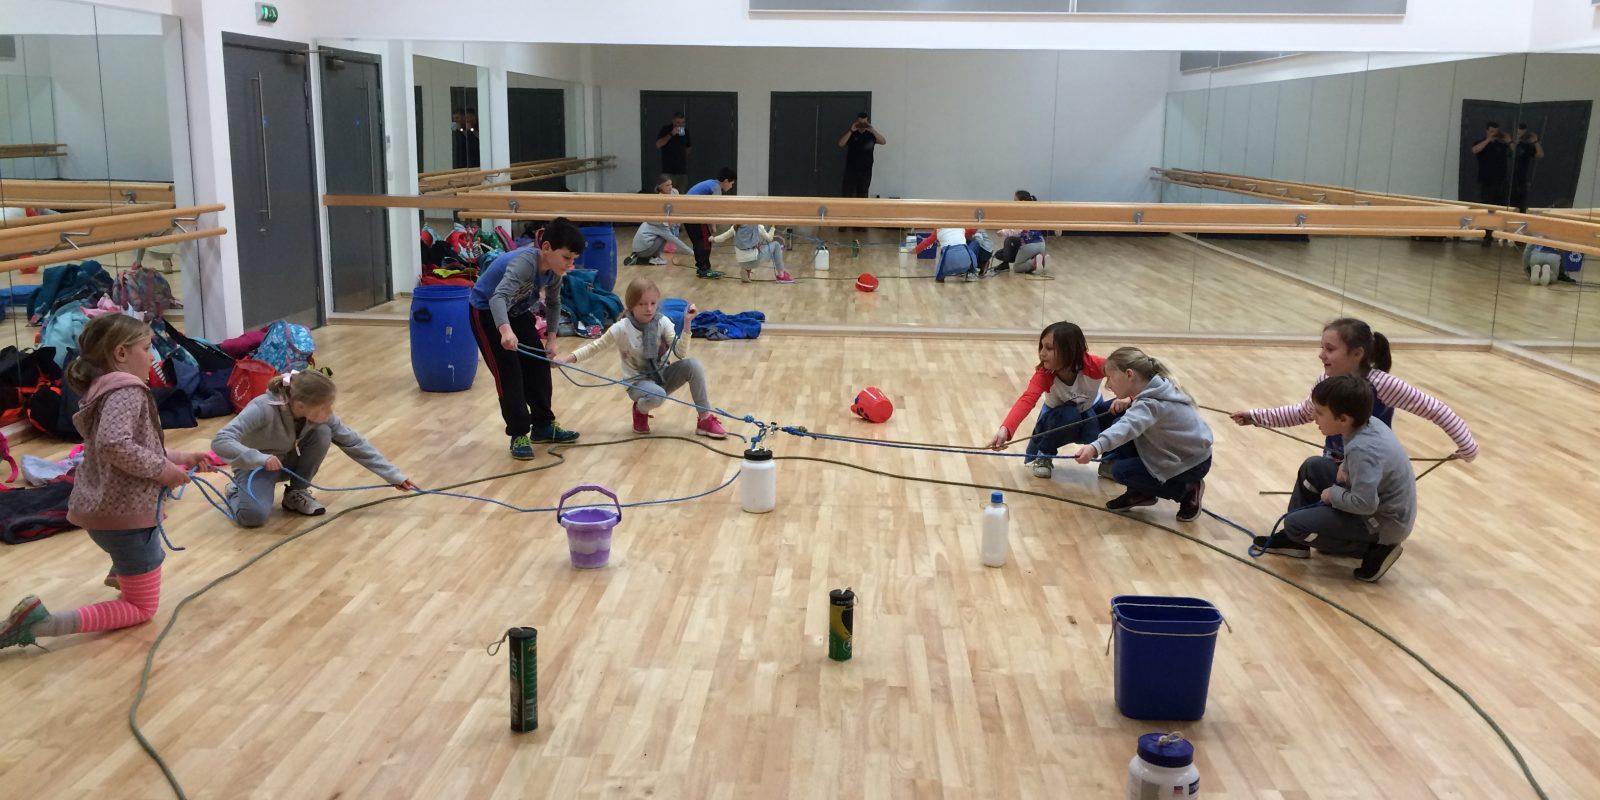 Indoor team building